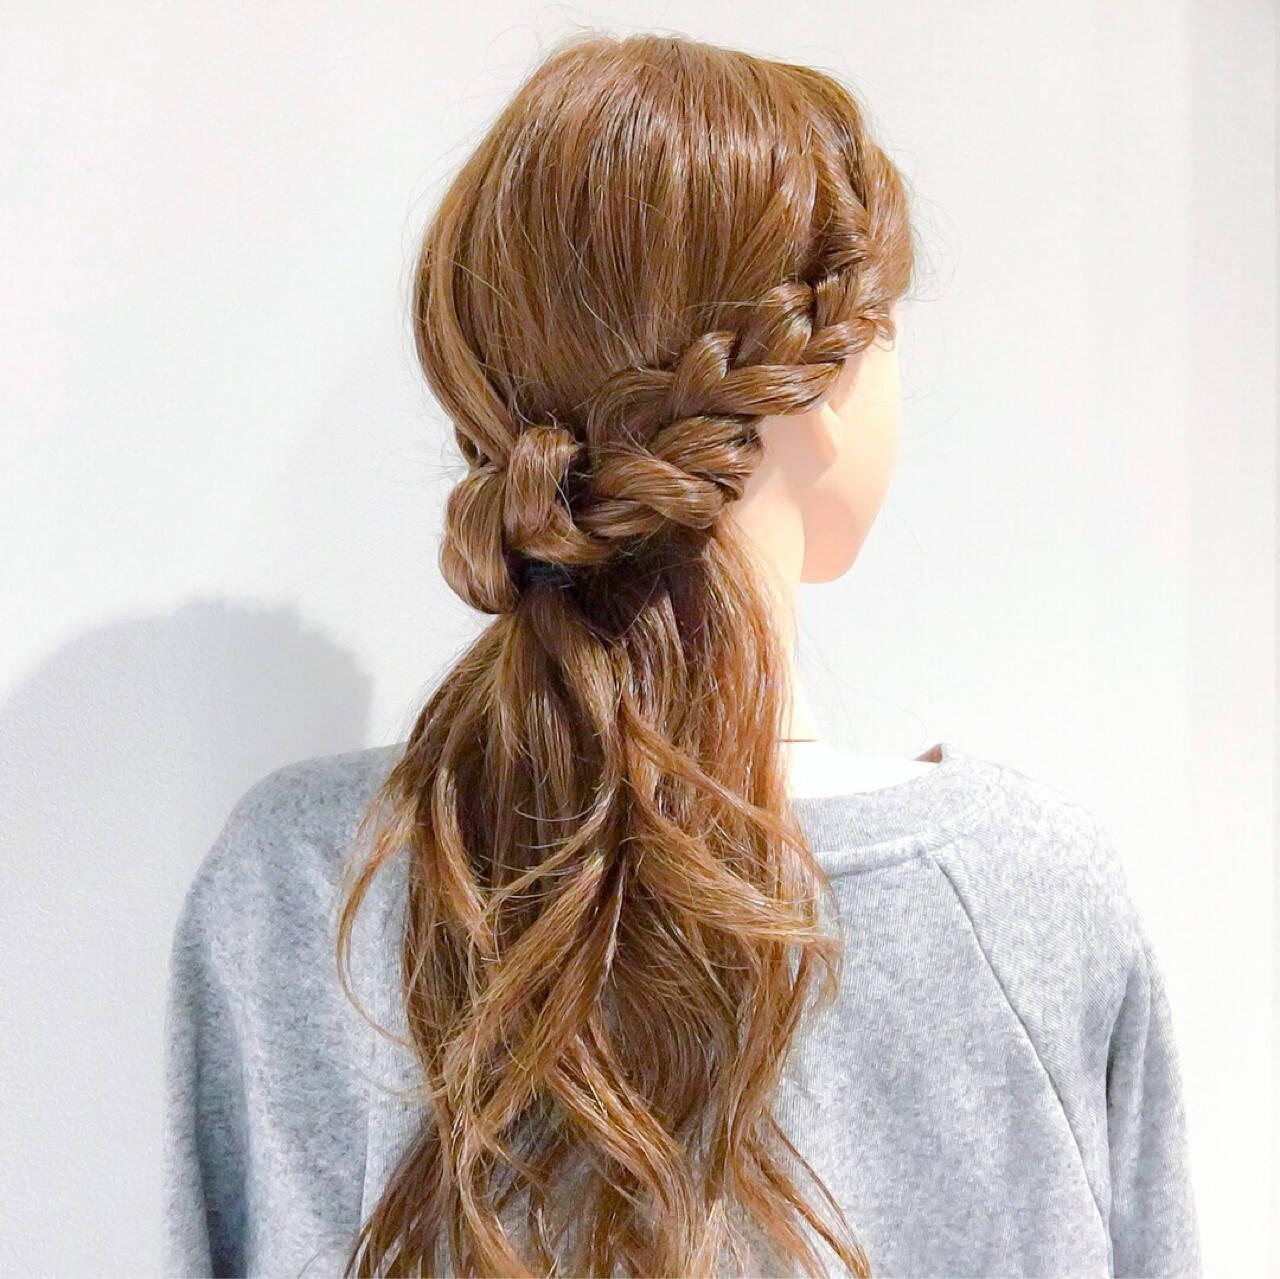 オフィス アンニュイ ロング エレガントヘアスタイルや髪型の写真・画像